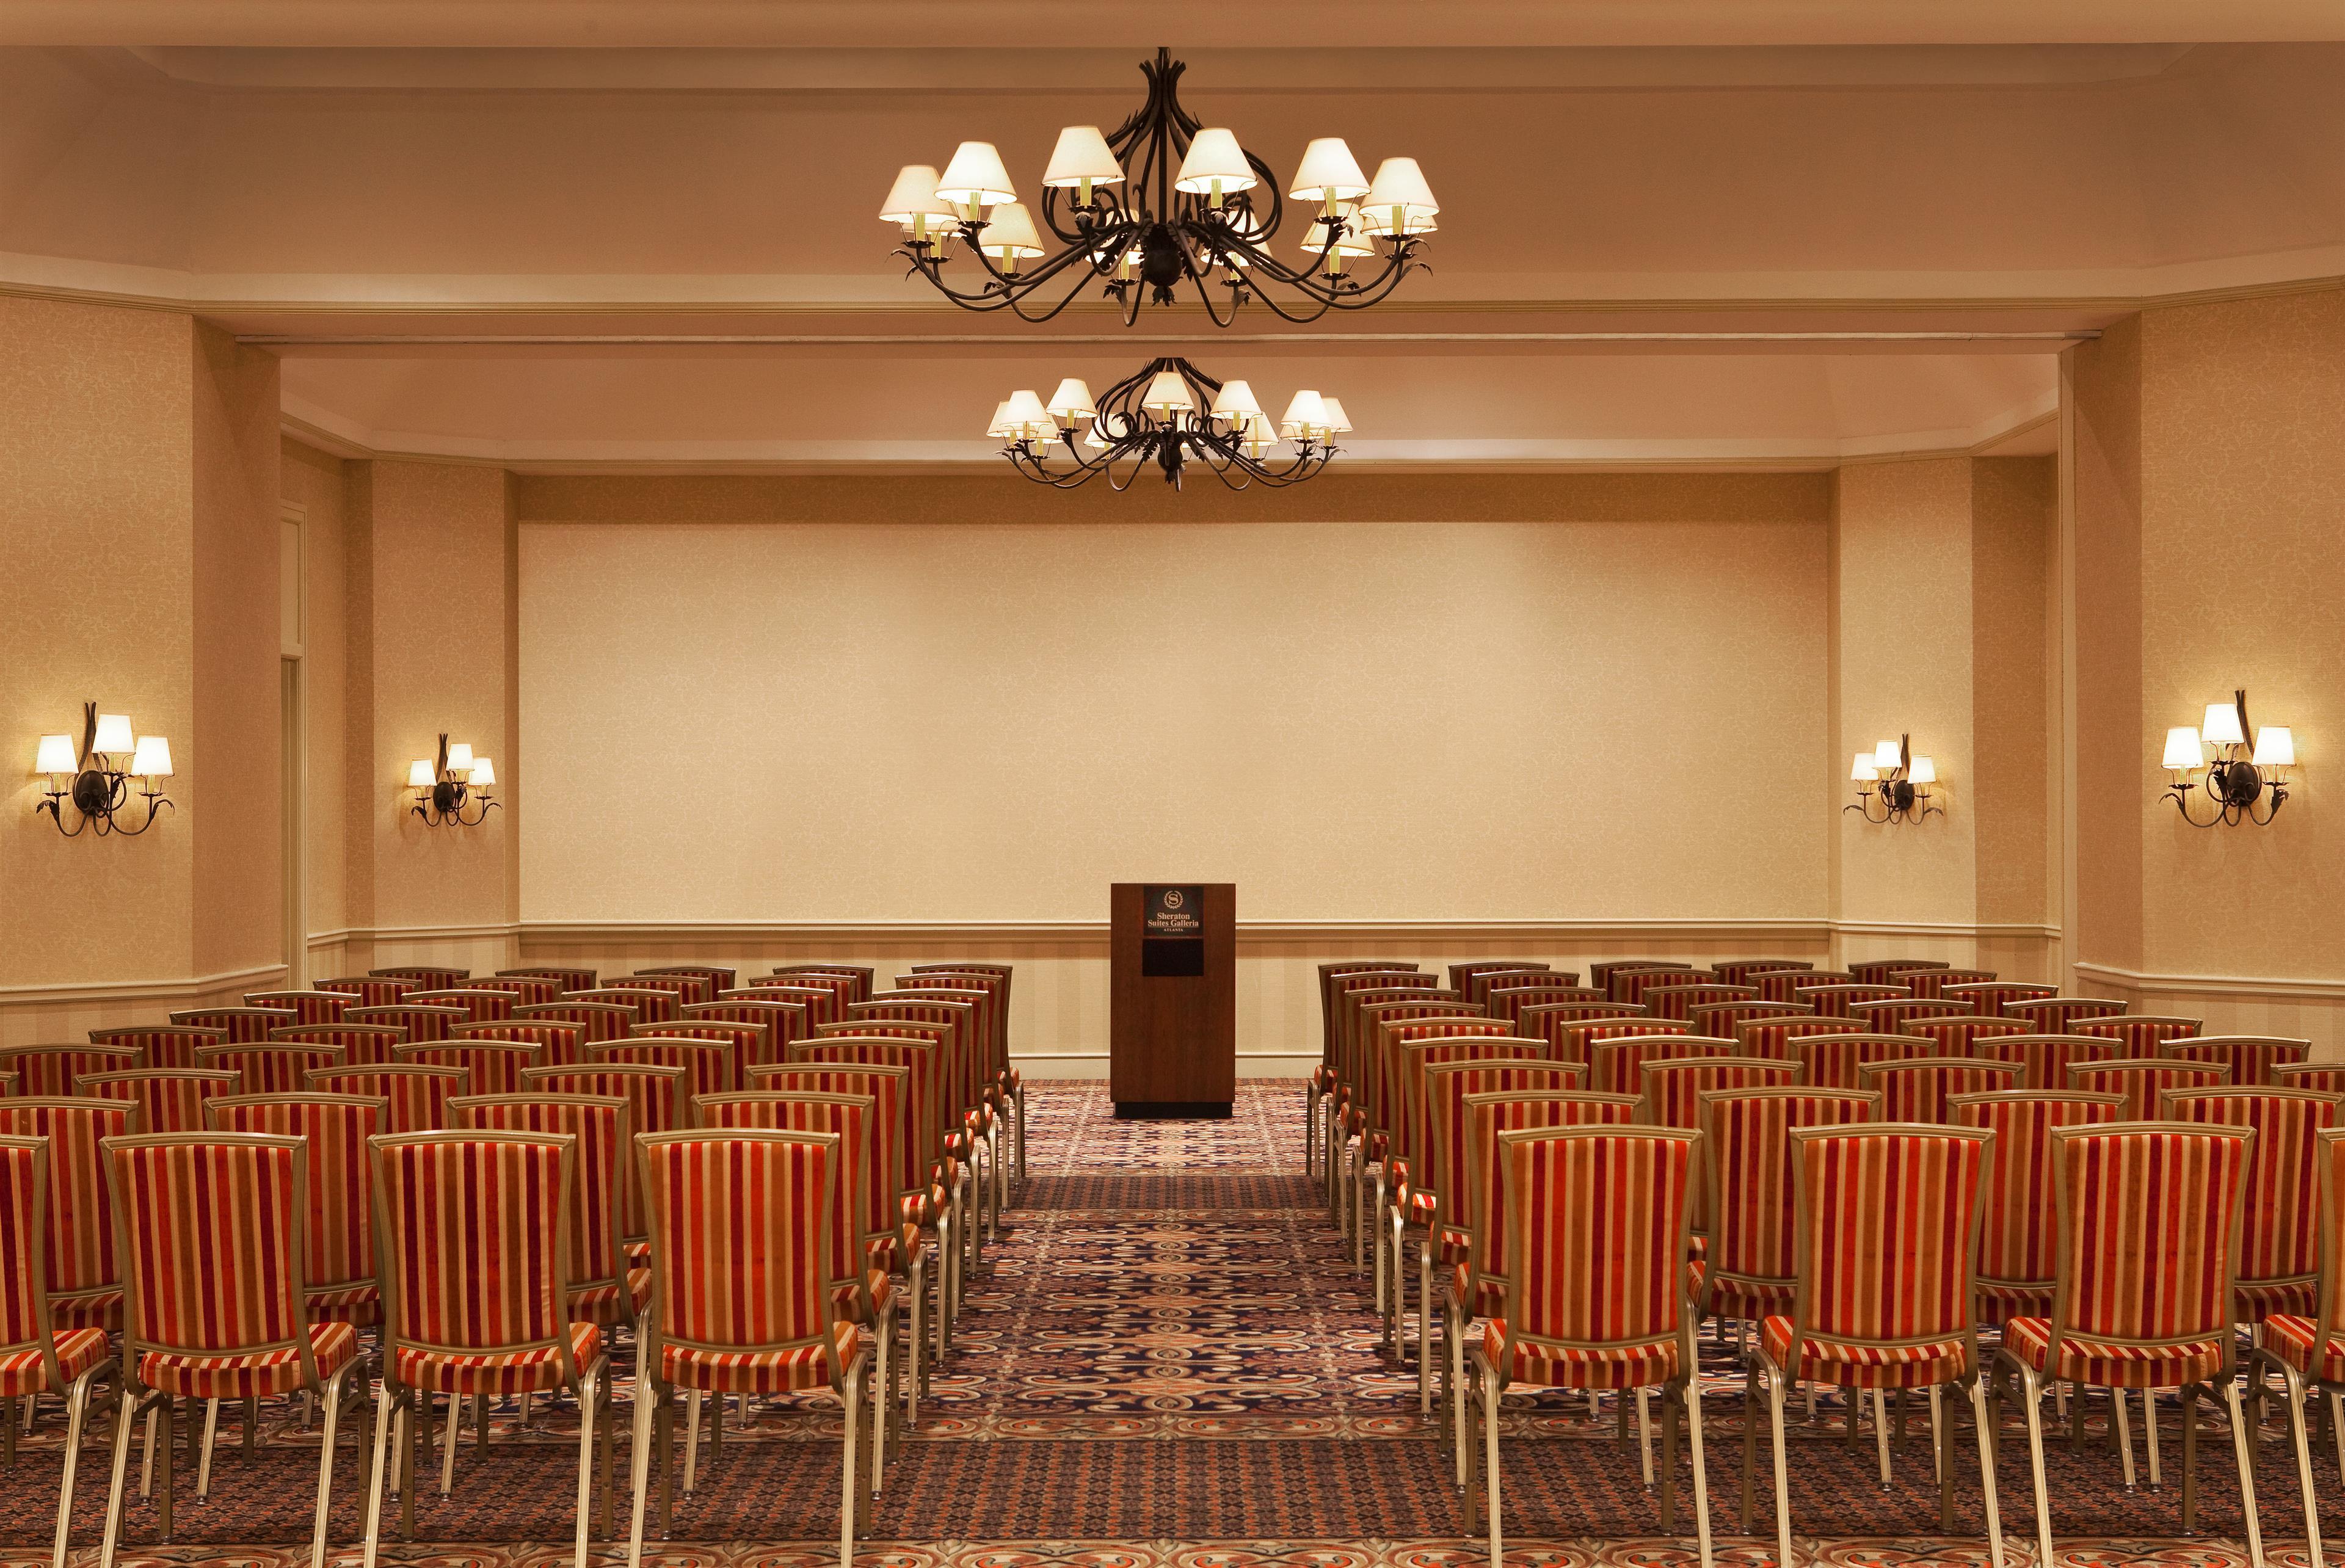 Sheraton Suites Galleria-Atlanta image 6